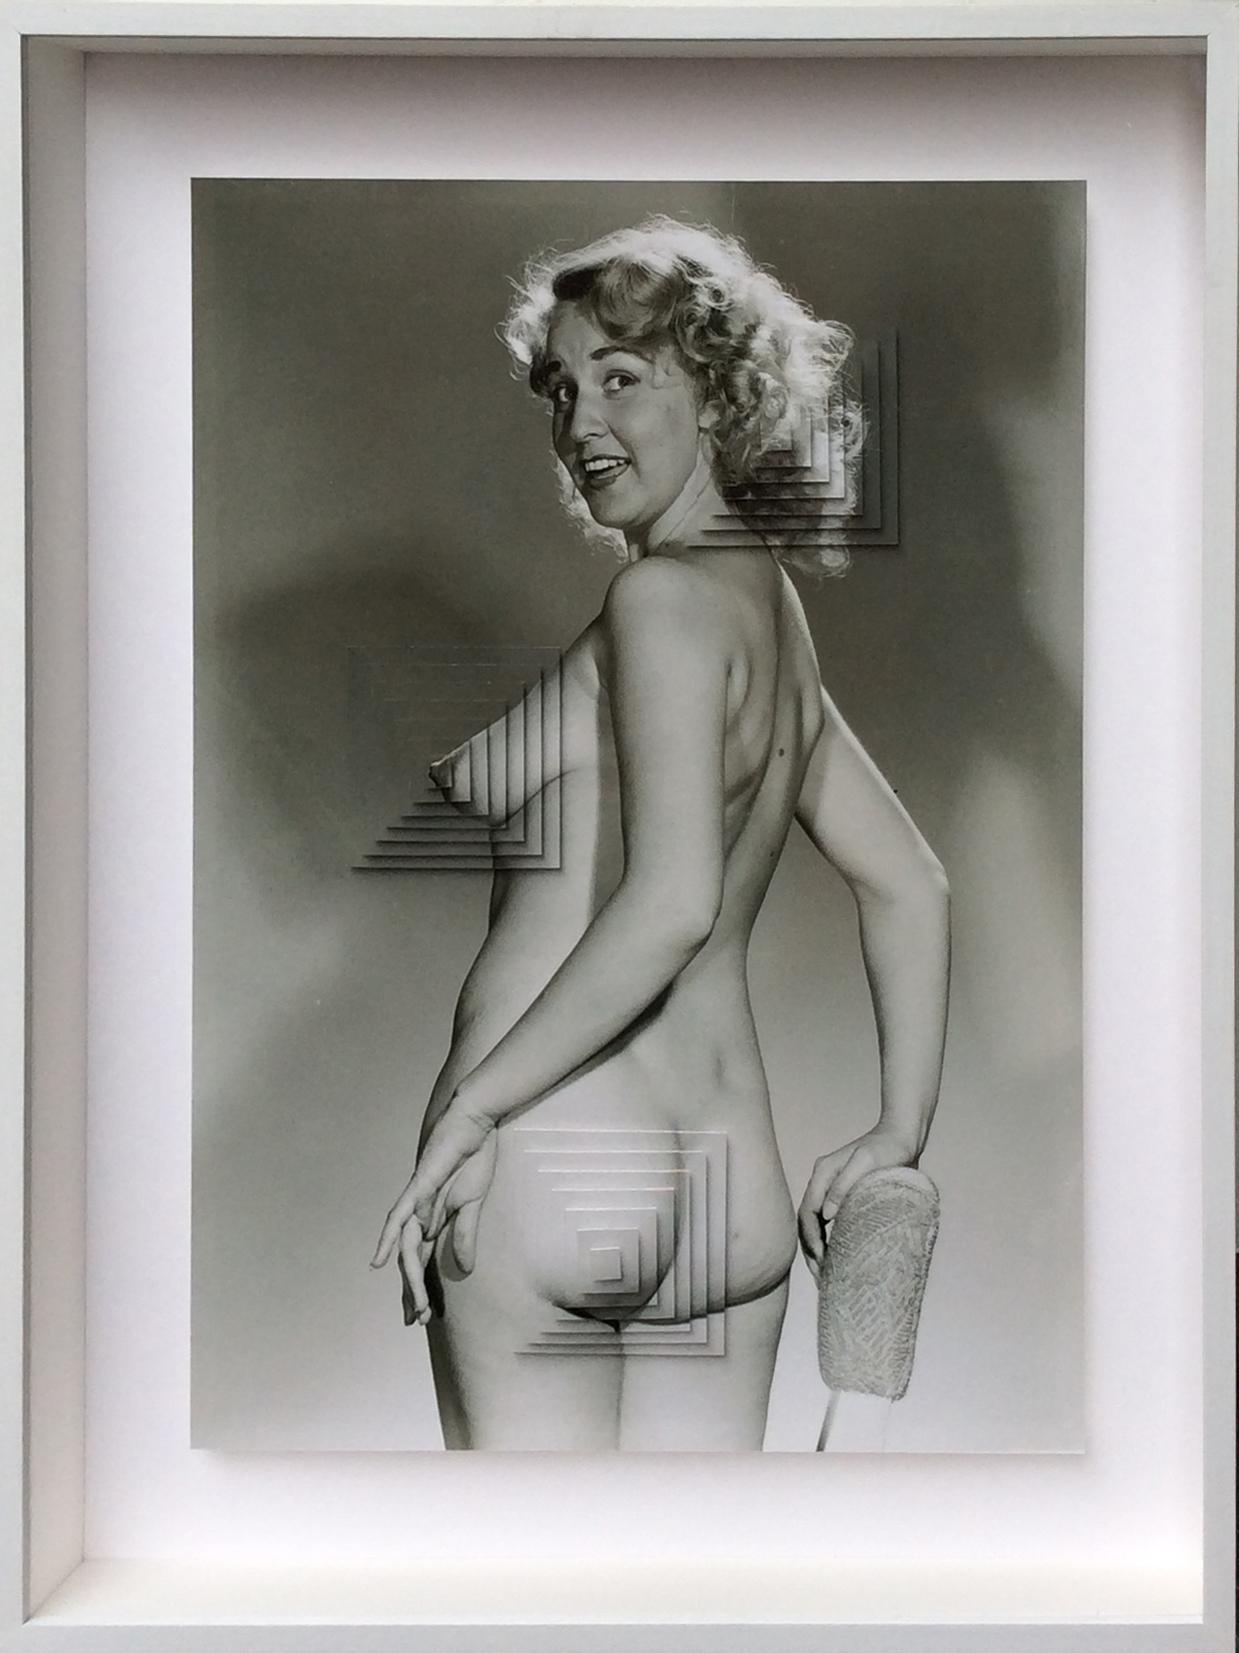 8. Galleria-l'Affiche_Alfred-Drago-Rens_Kelly_2014_50x39 cm.jpg